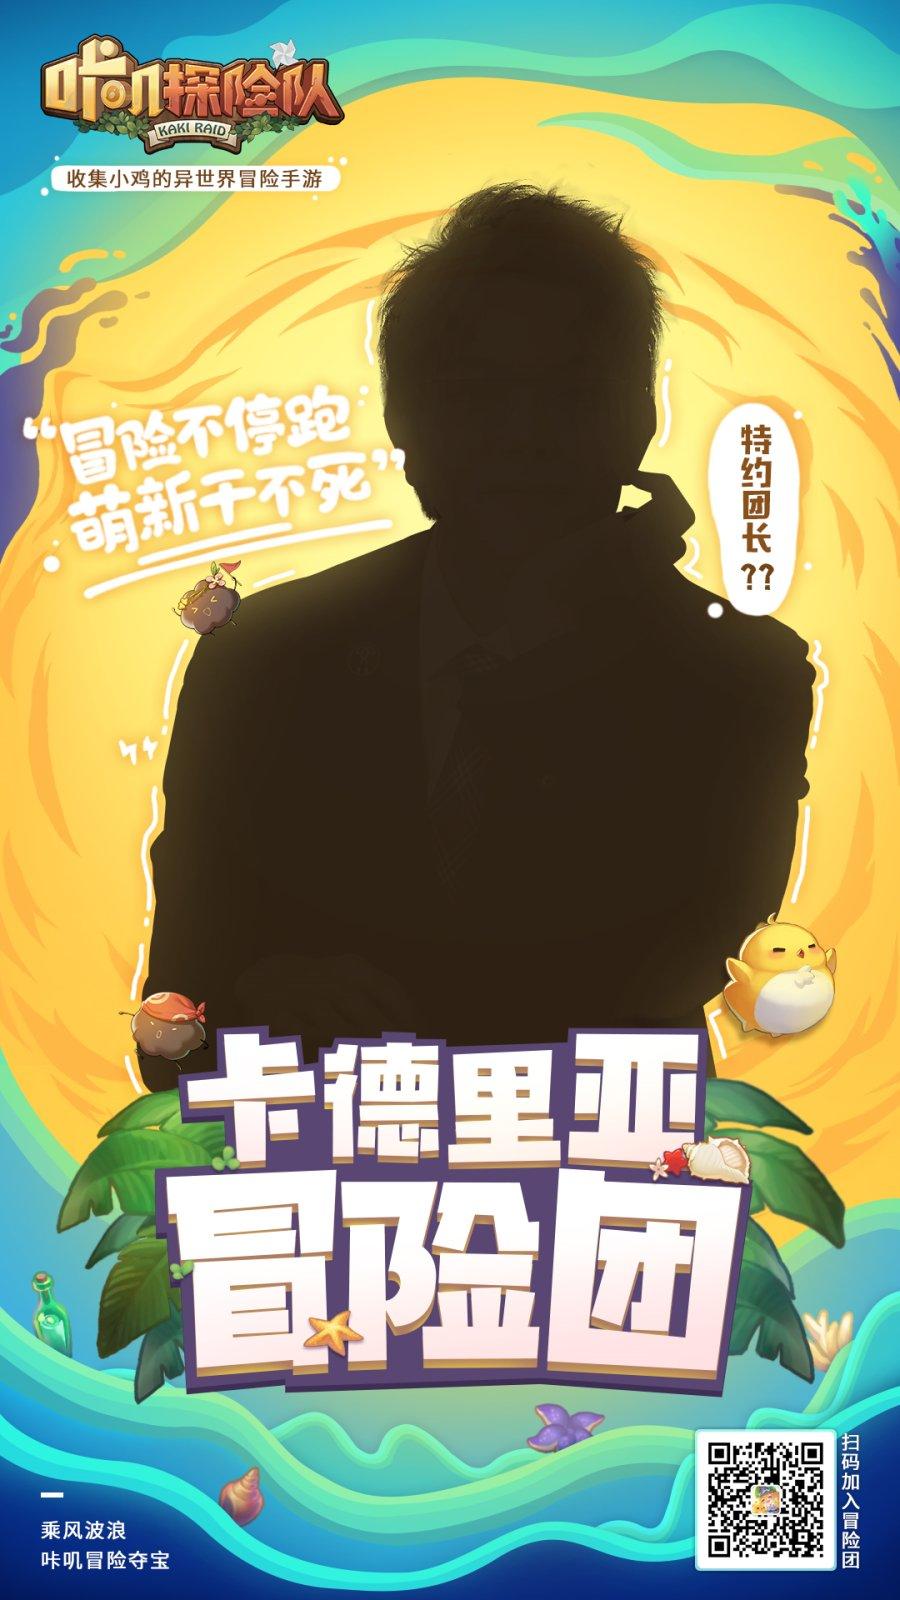 《咔叽探险队》冒险成团逍遥散人&王老菊教你养鸡寻宝